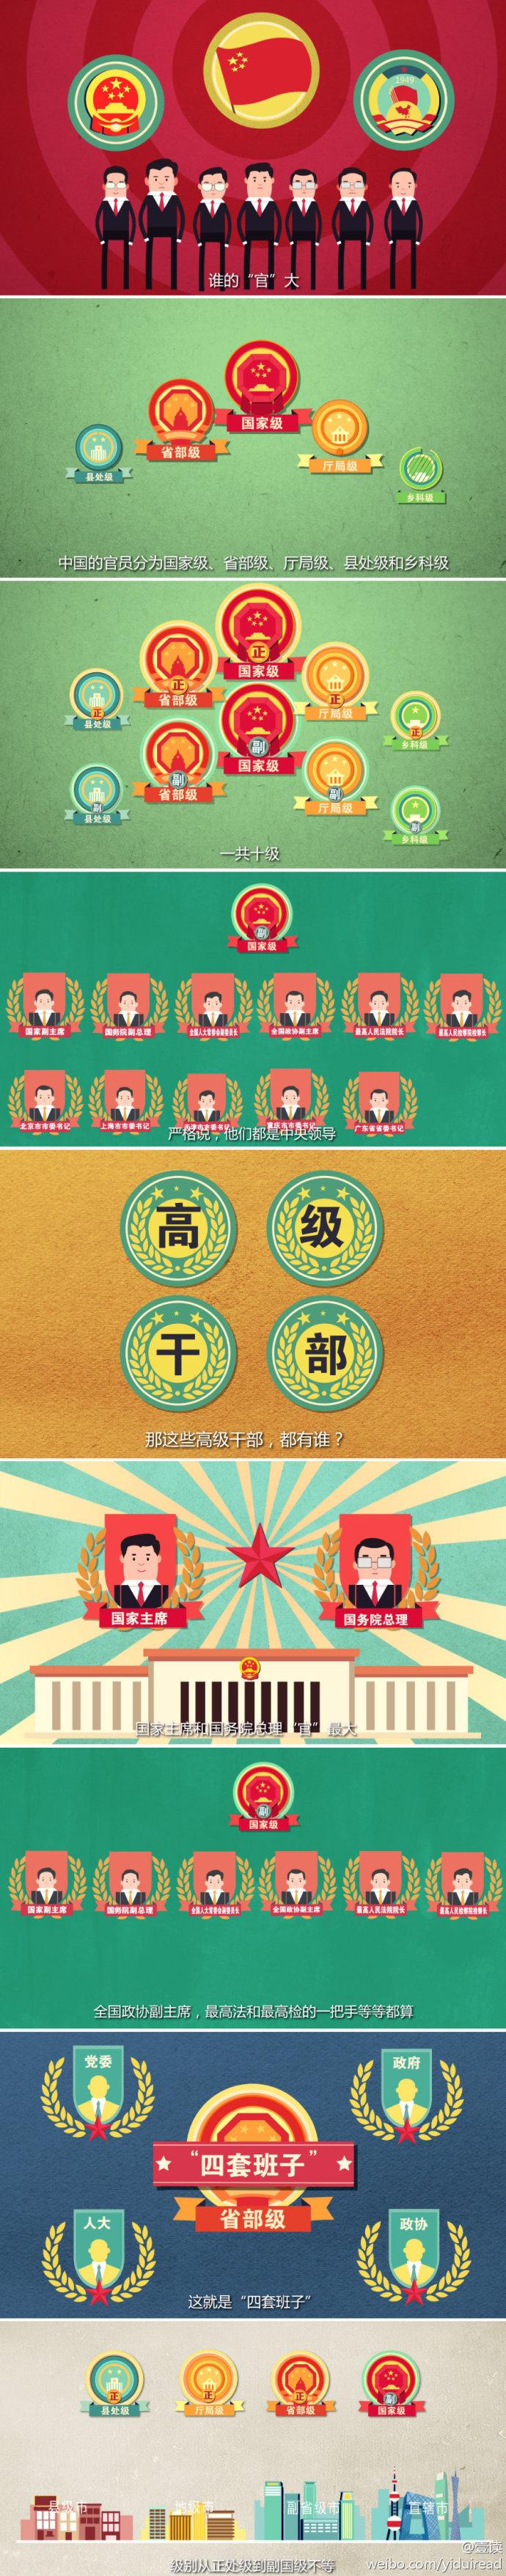 一张图看懂中国官员级别 热搜事件